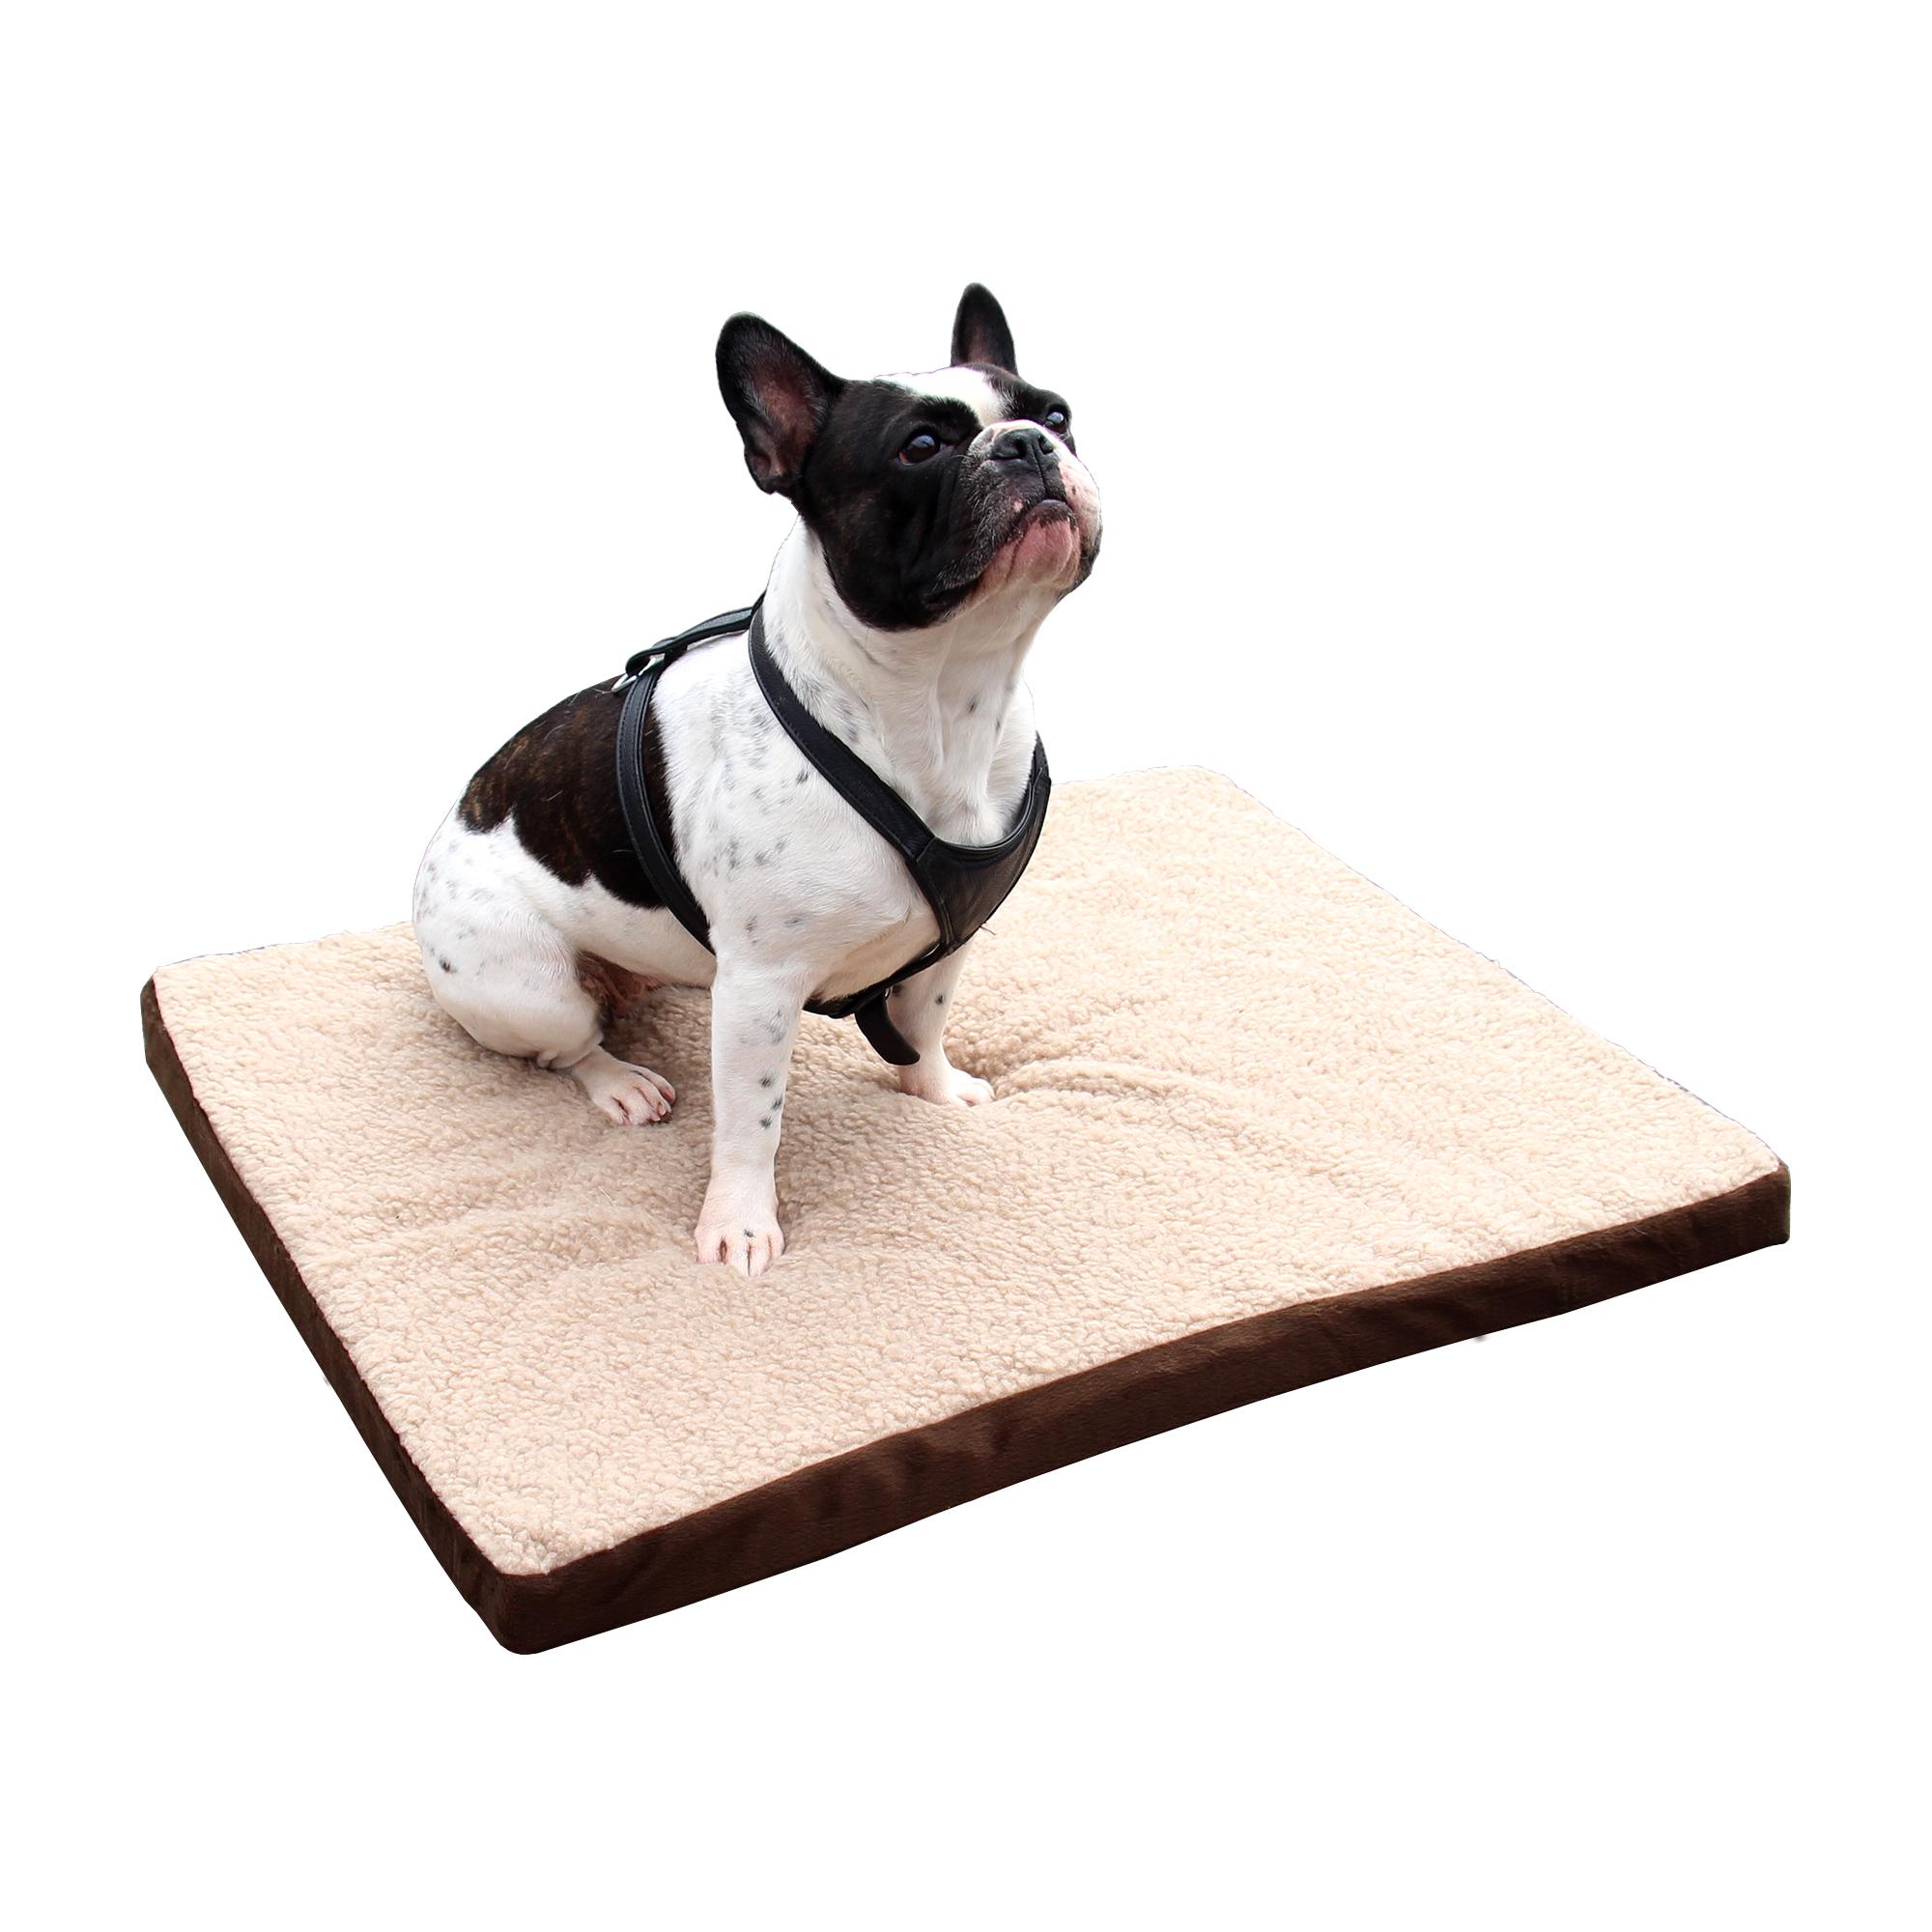 Ortopedici cuscino cani viscosa tappetino per letto cane materasso - Cane pipi letto ...